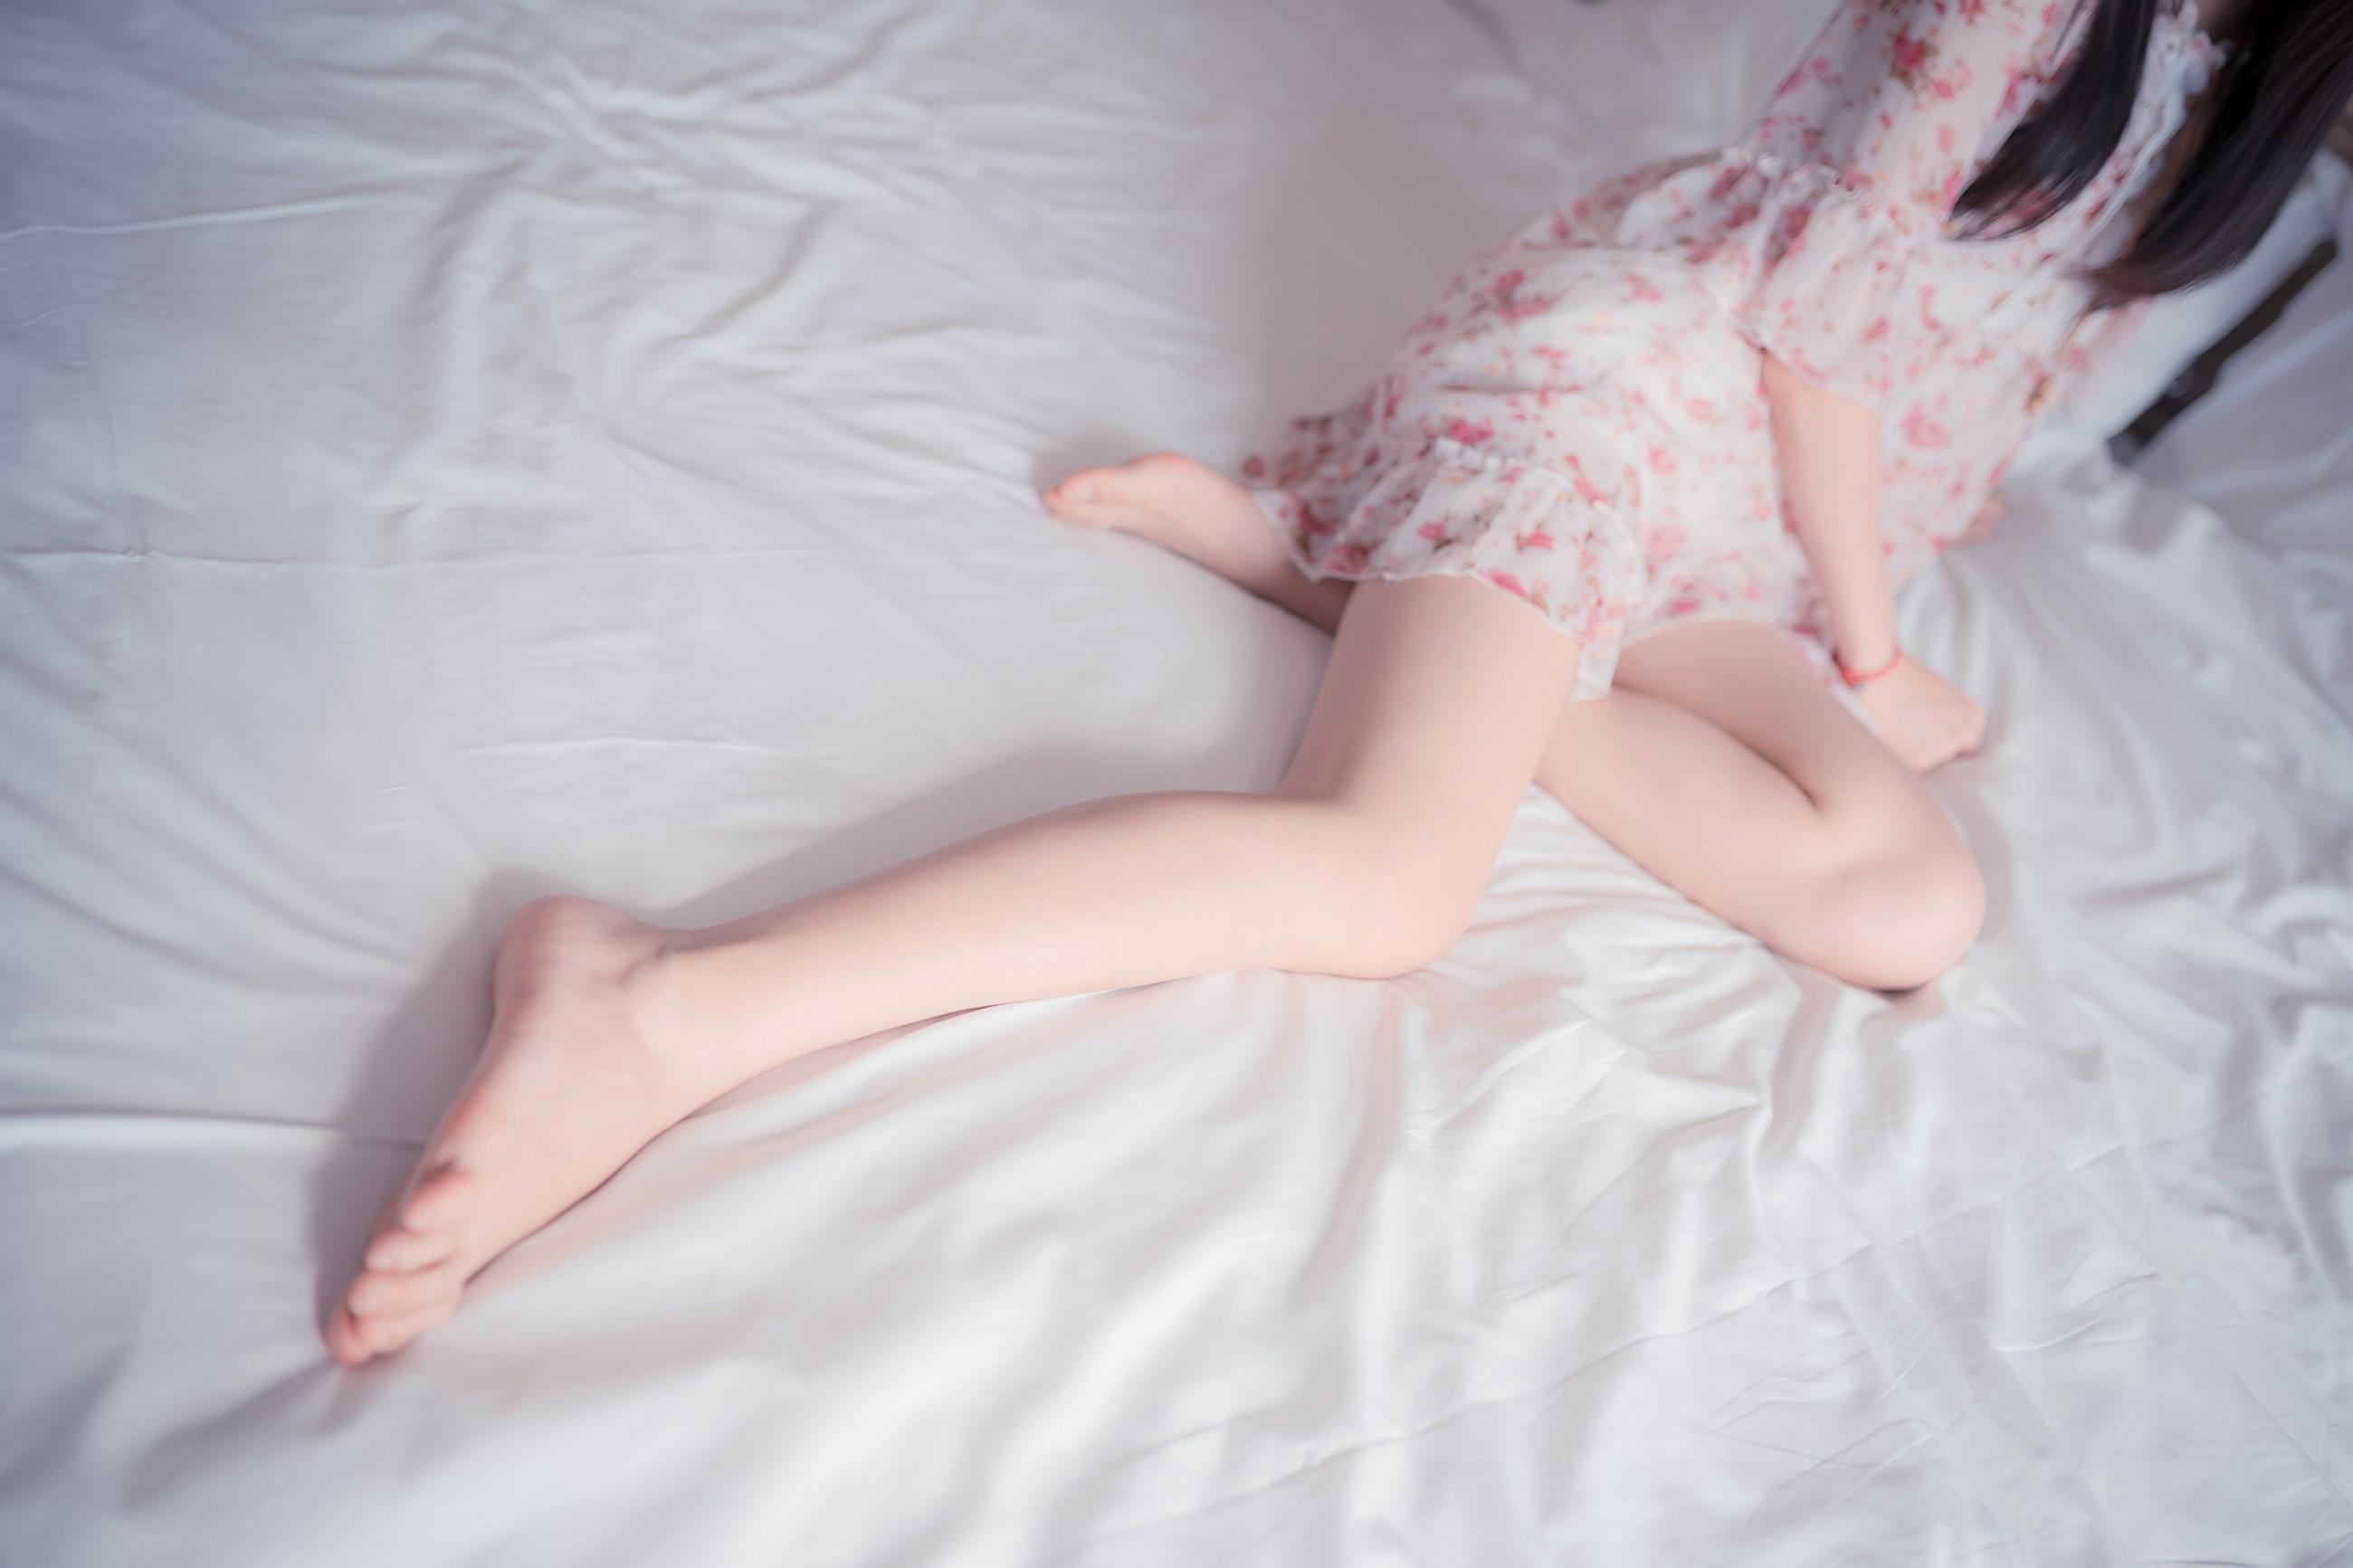 【兔玩映画】粉嫩嫩的小腿 兔玩映画 第40张